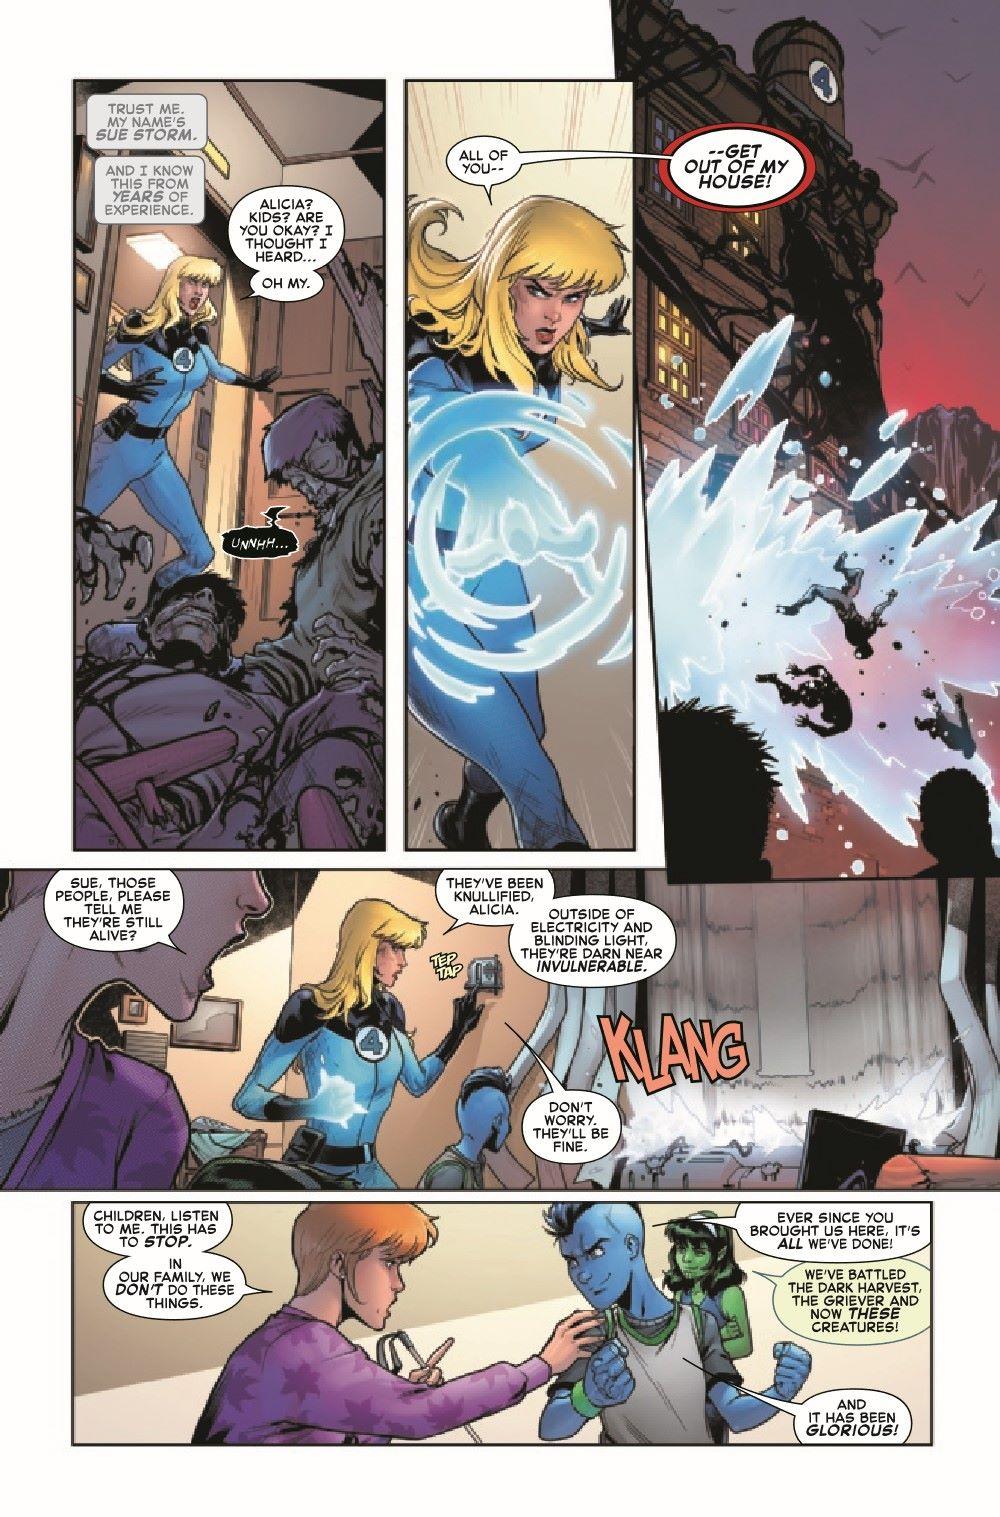 FF2018030_Preview-4 ComicList Previews: FANTASTIC FOUR #30